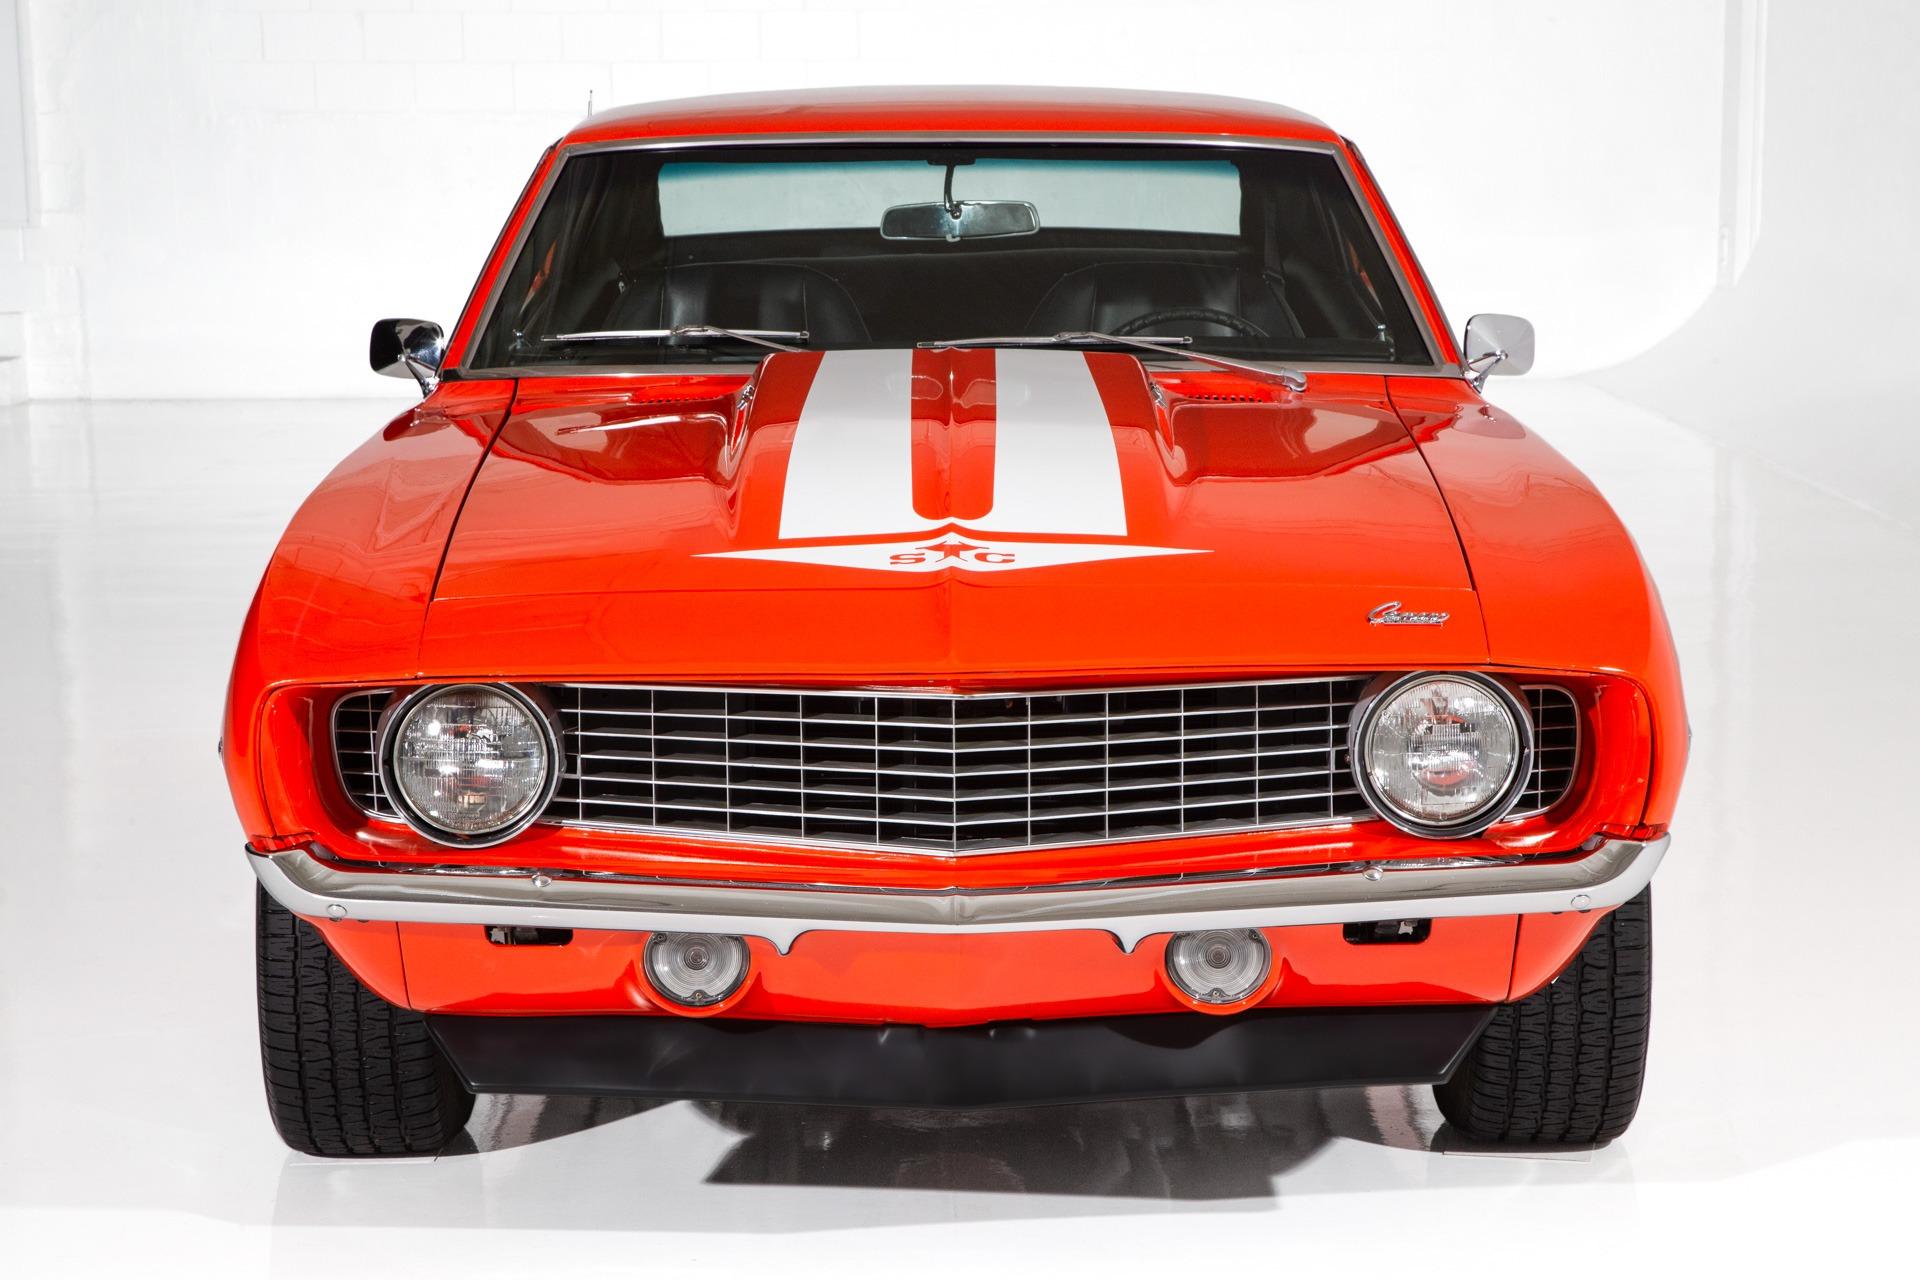 1969 Chevrolet Camaro Coupe With Yenko Options Ebay